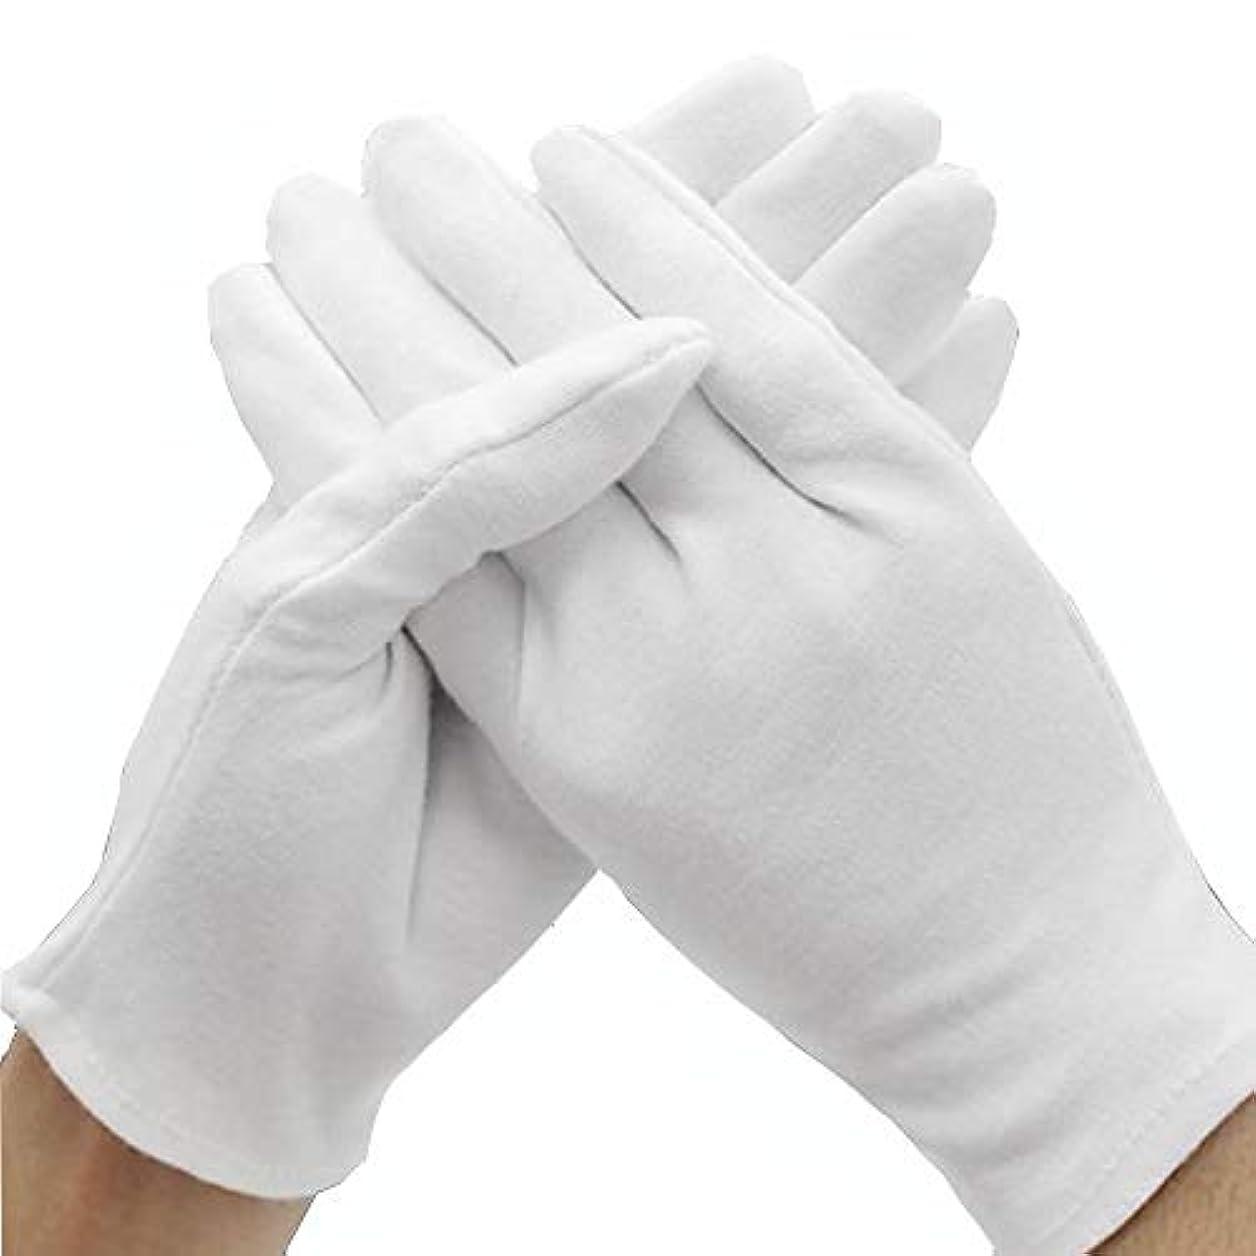 農民差し引く意外Lezej インナーコットン手袋 白い手袋 綿手袋 衛生手袋 コットン手袋 ガーデニング用手袋 作業手袋 健康的な手袋 環境保護用手袋(12組) (XL)